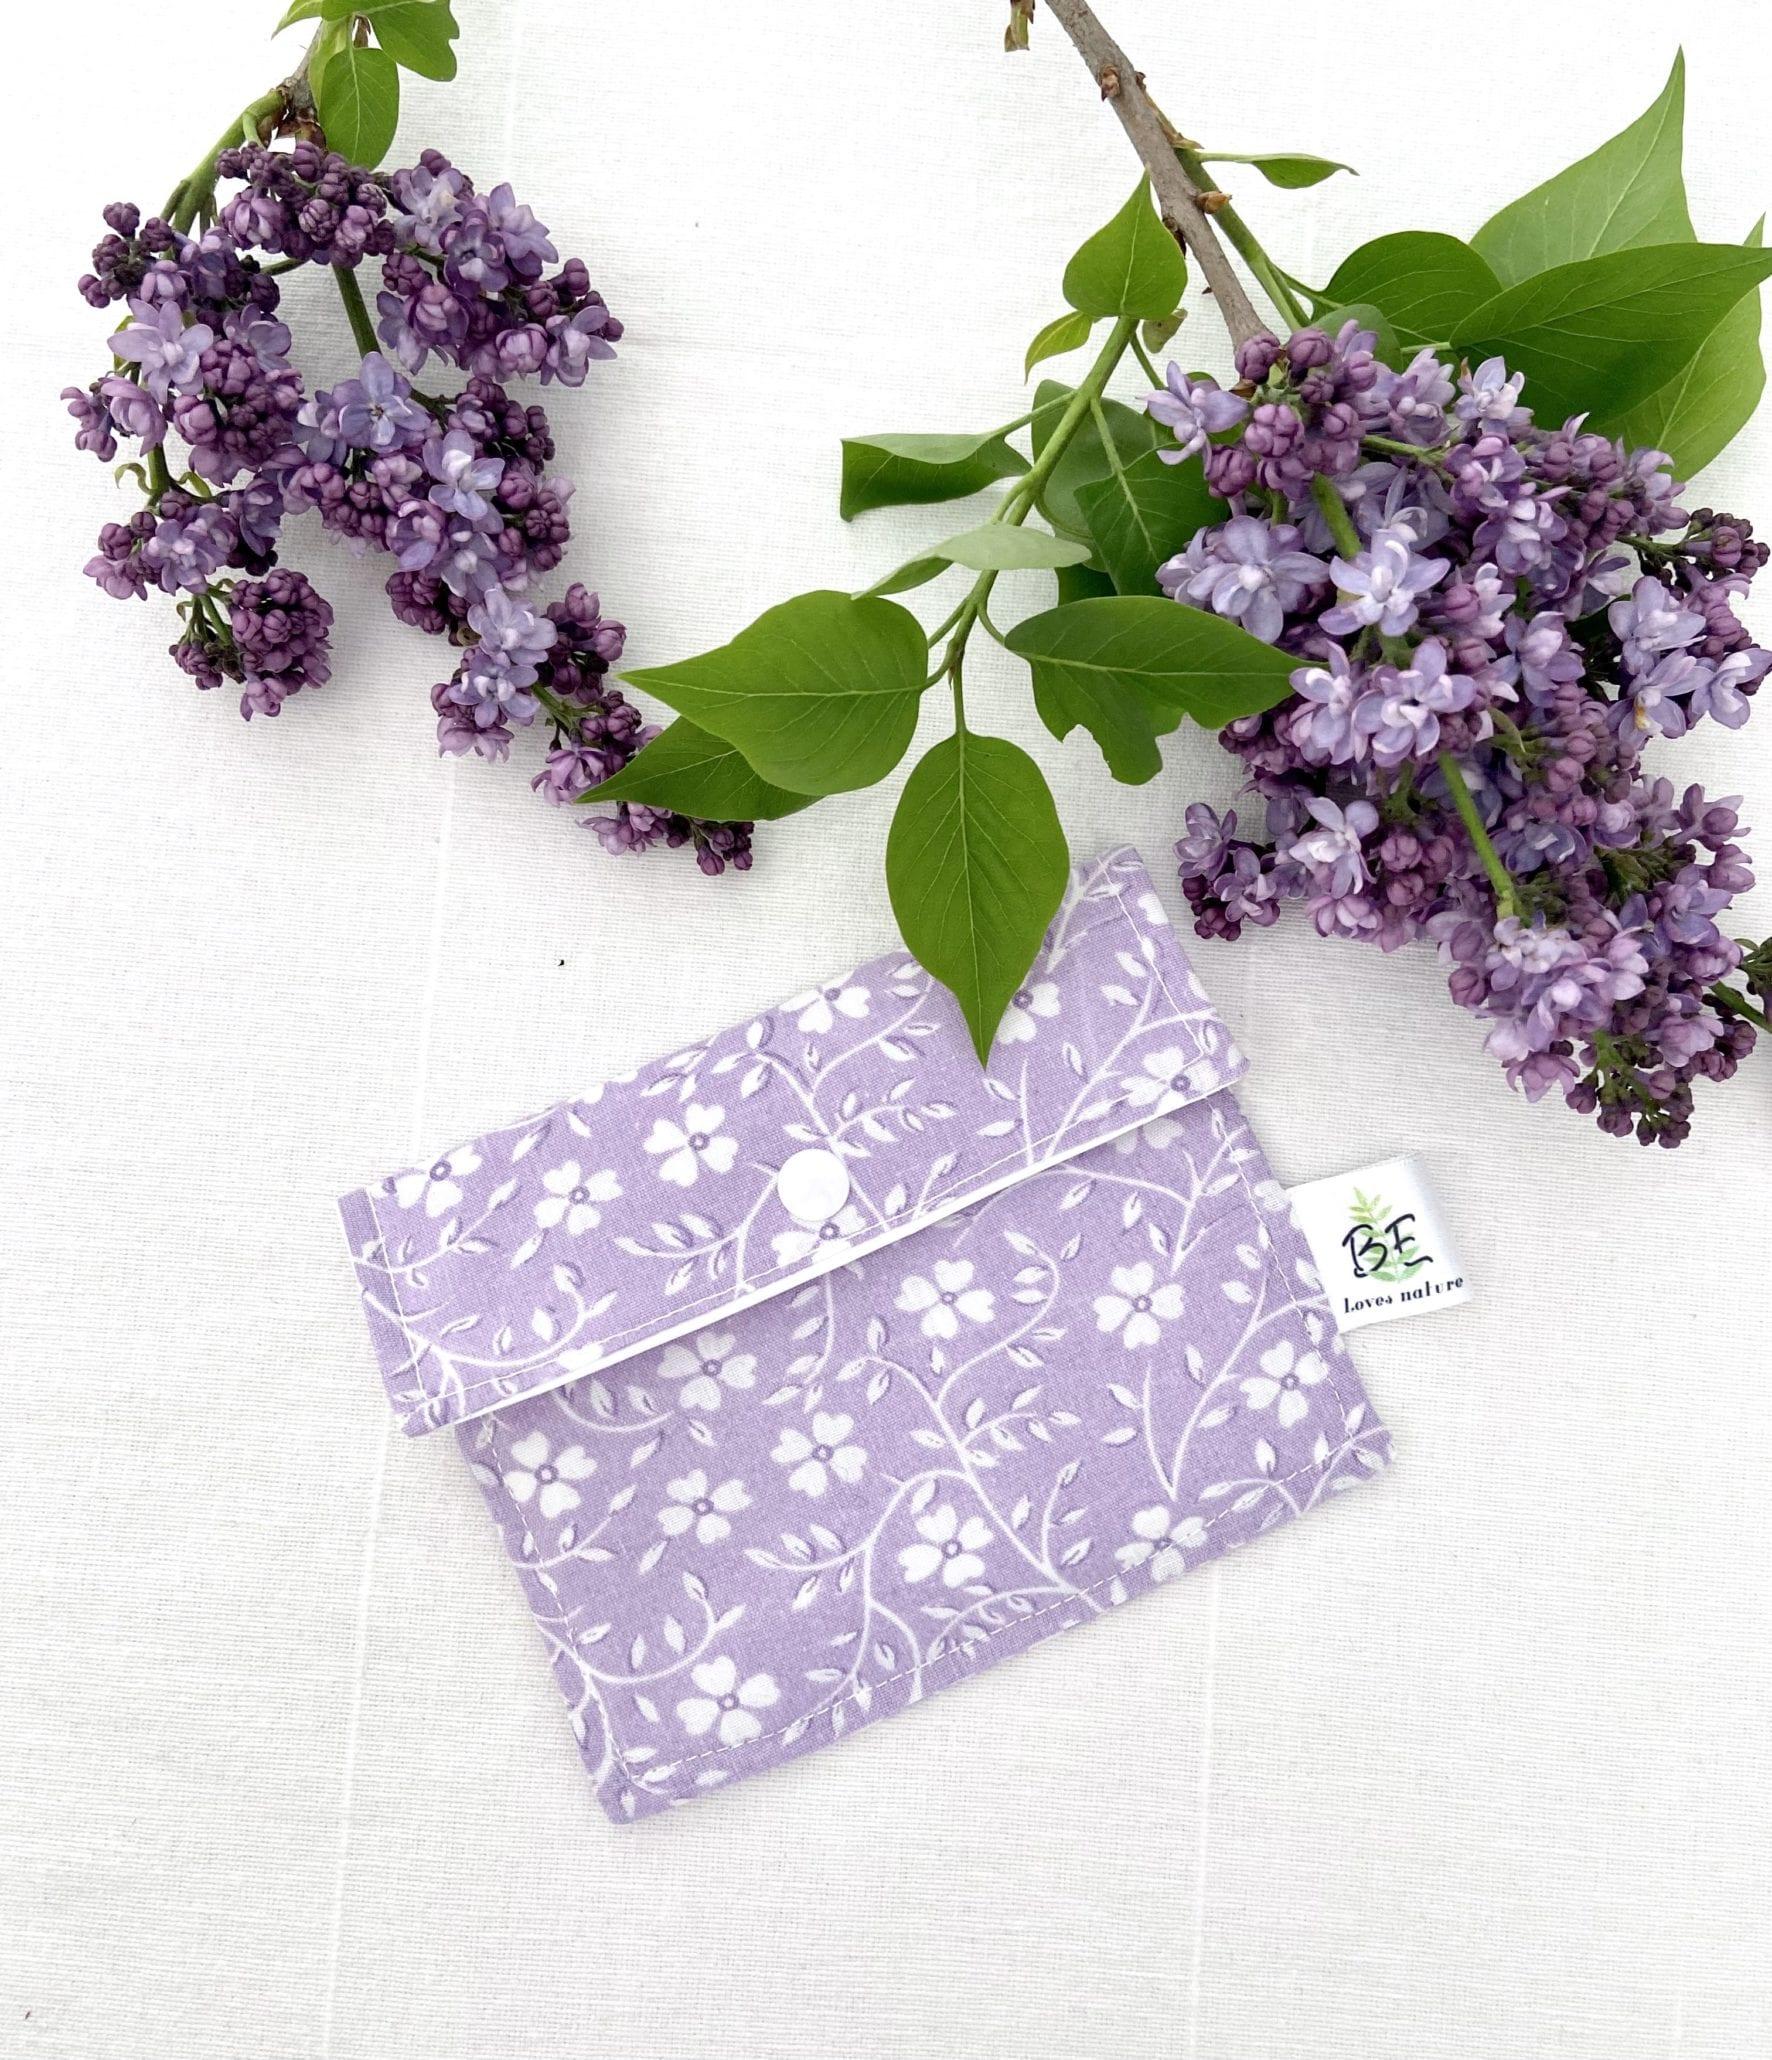 pochette savon imperméable violette fleurs blanches